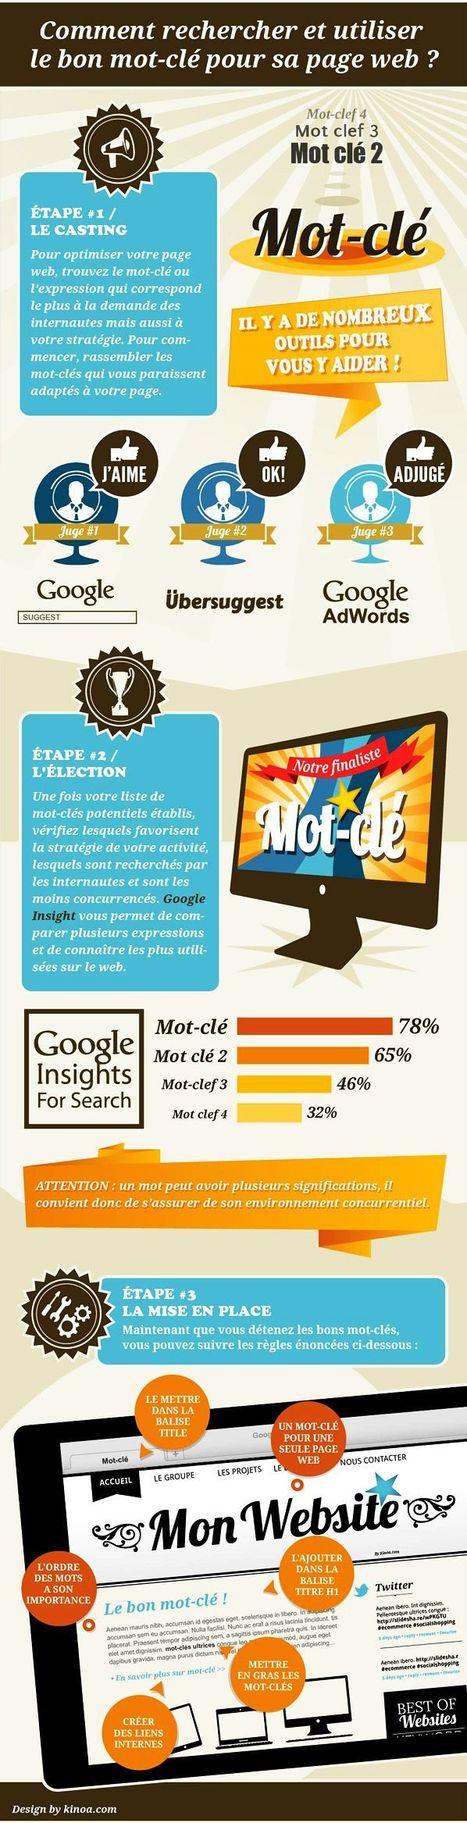 Choisir les bons mots-clés | Infographie SEO | Gérer sa communauté sur la toile | Scoop.it